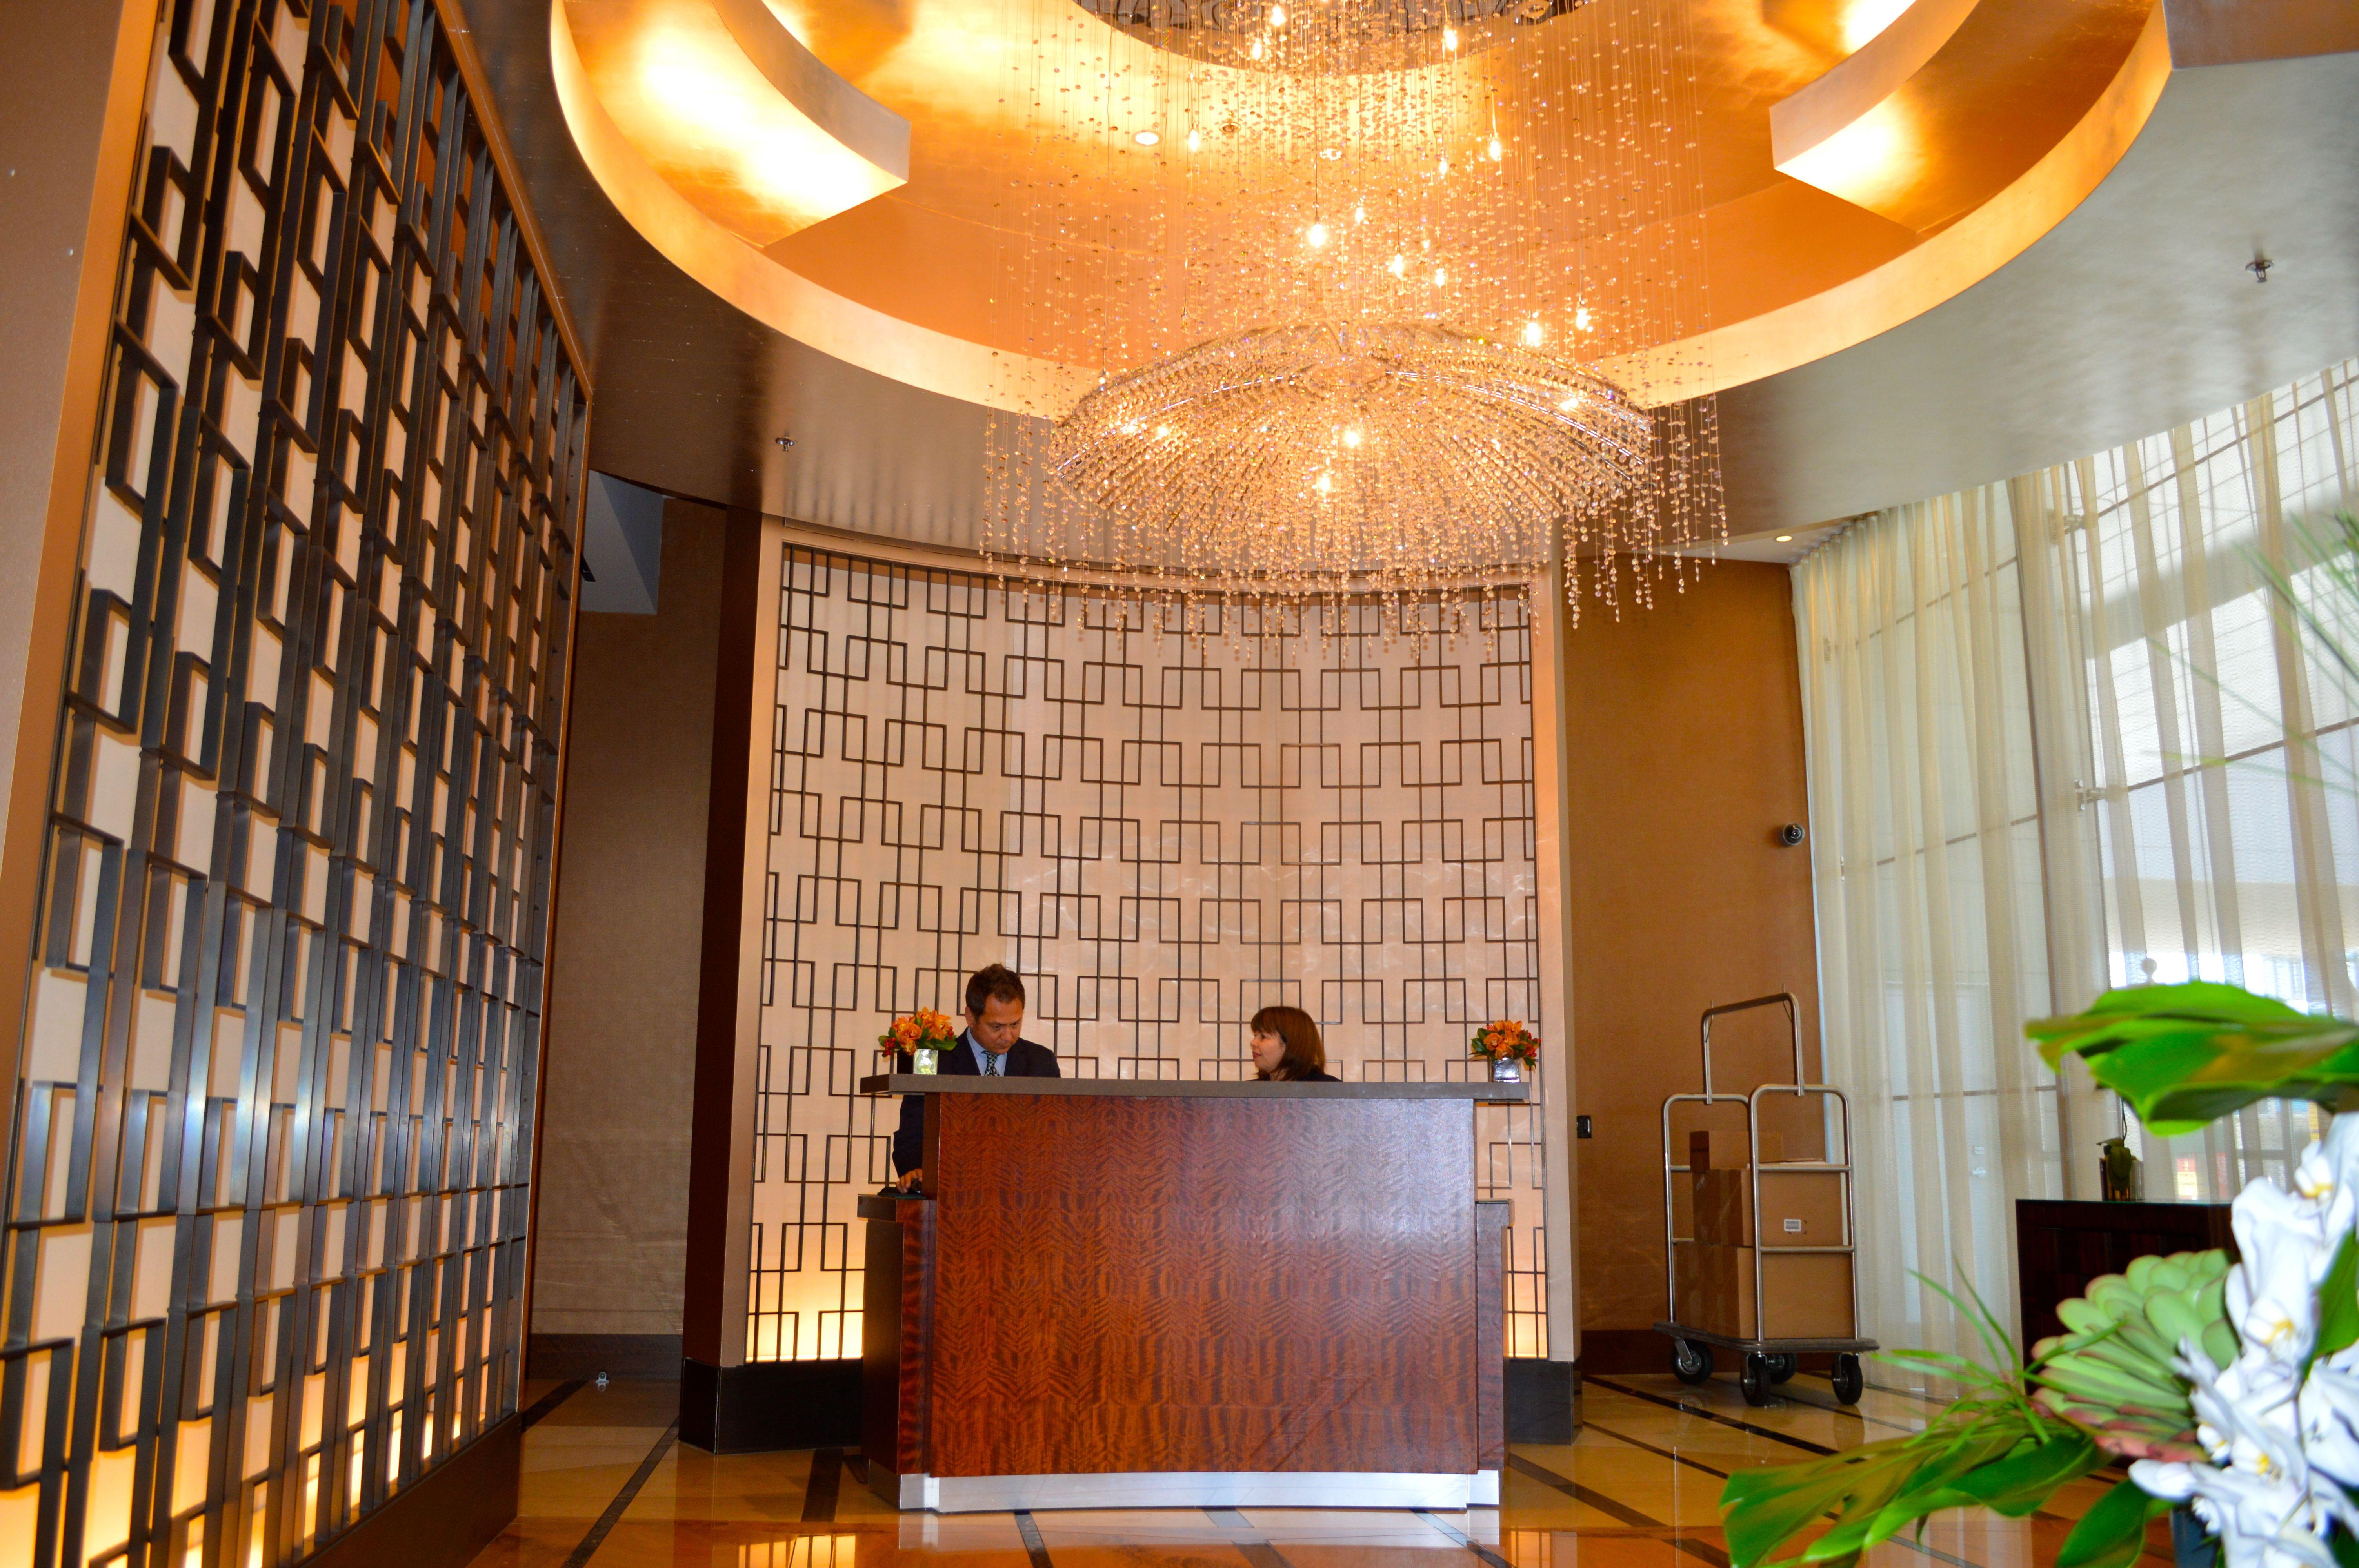 The Ritz Carlton Luxury Condos Downtown Los Angeles Condos Lofts ...